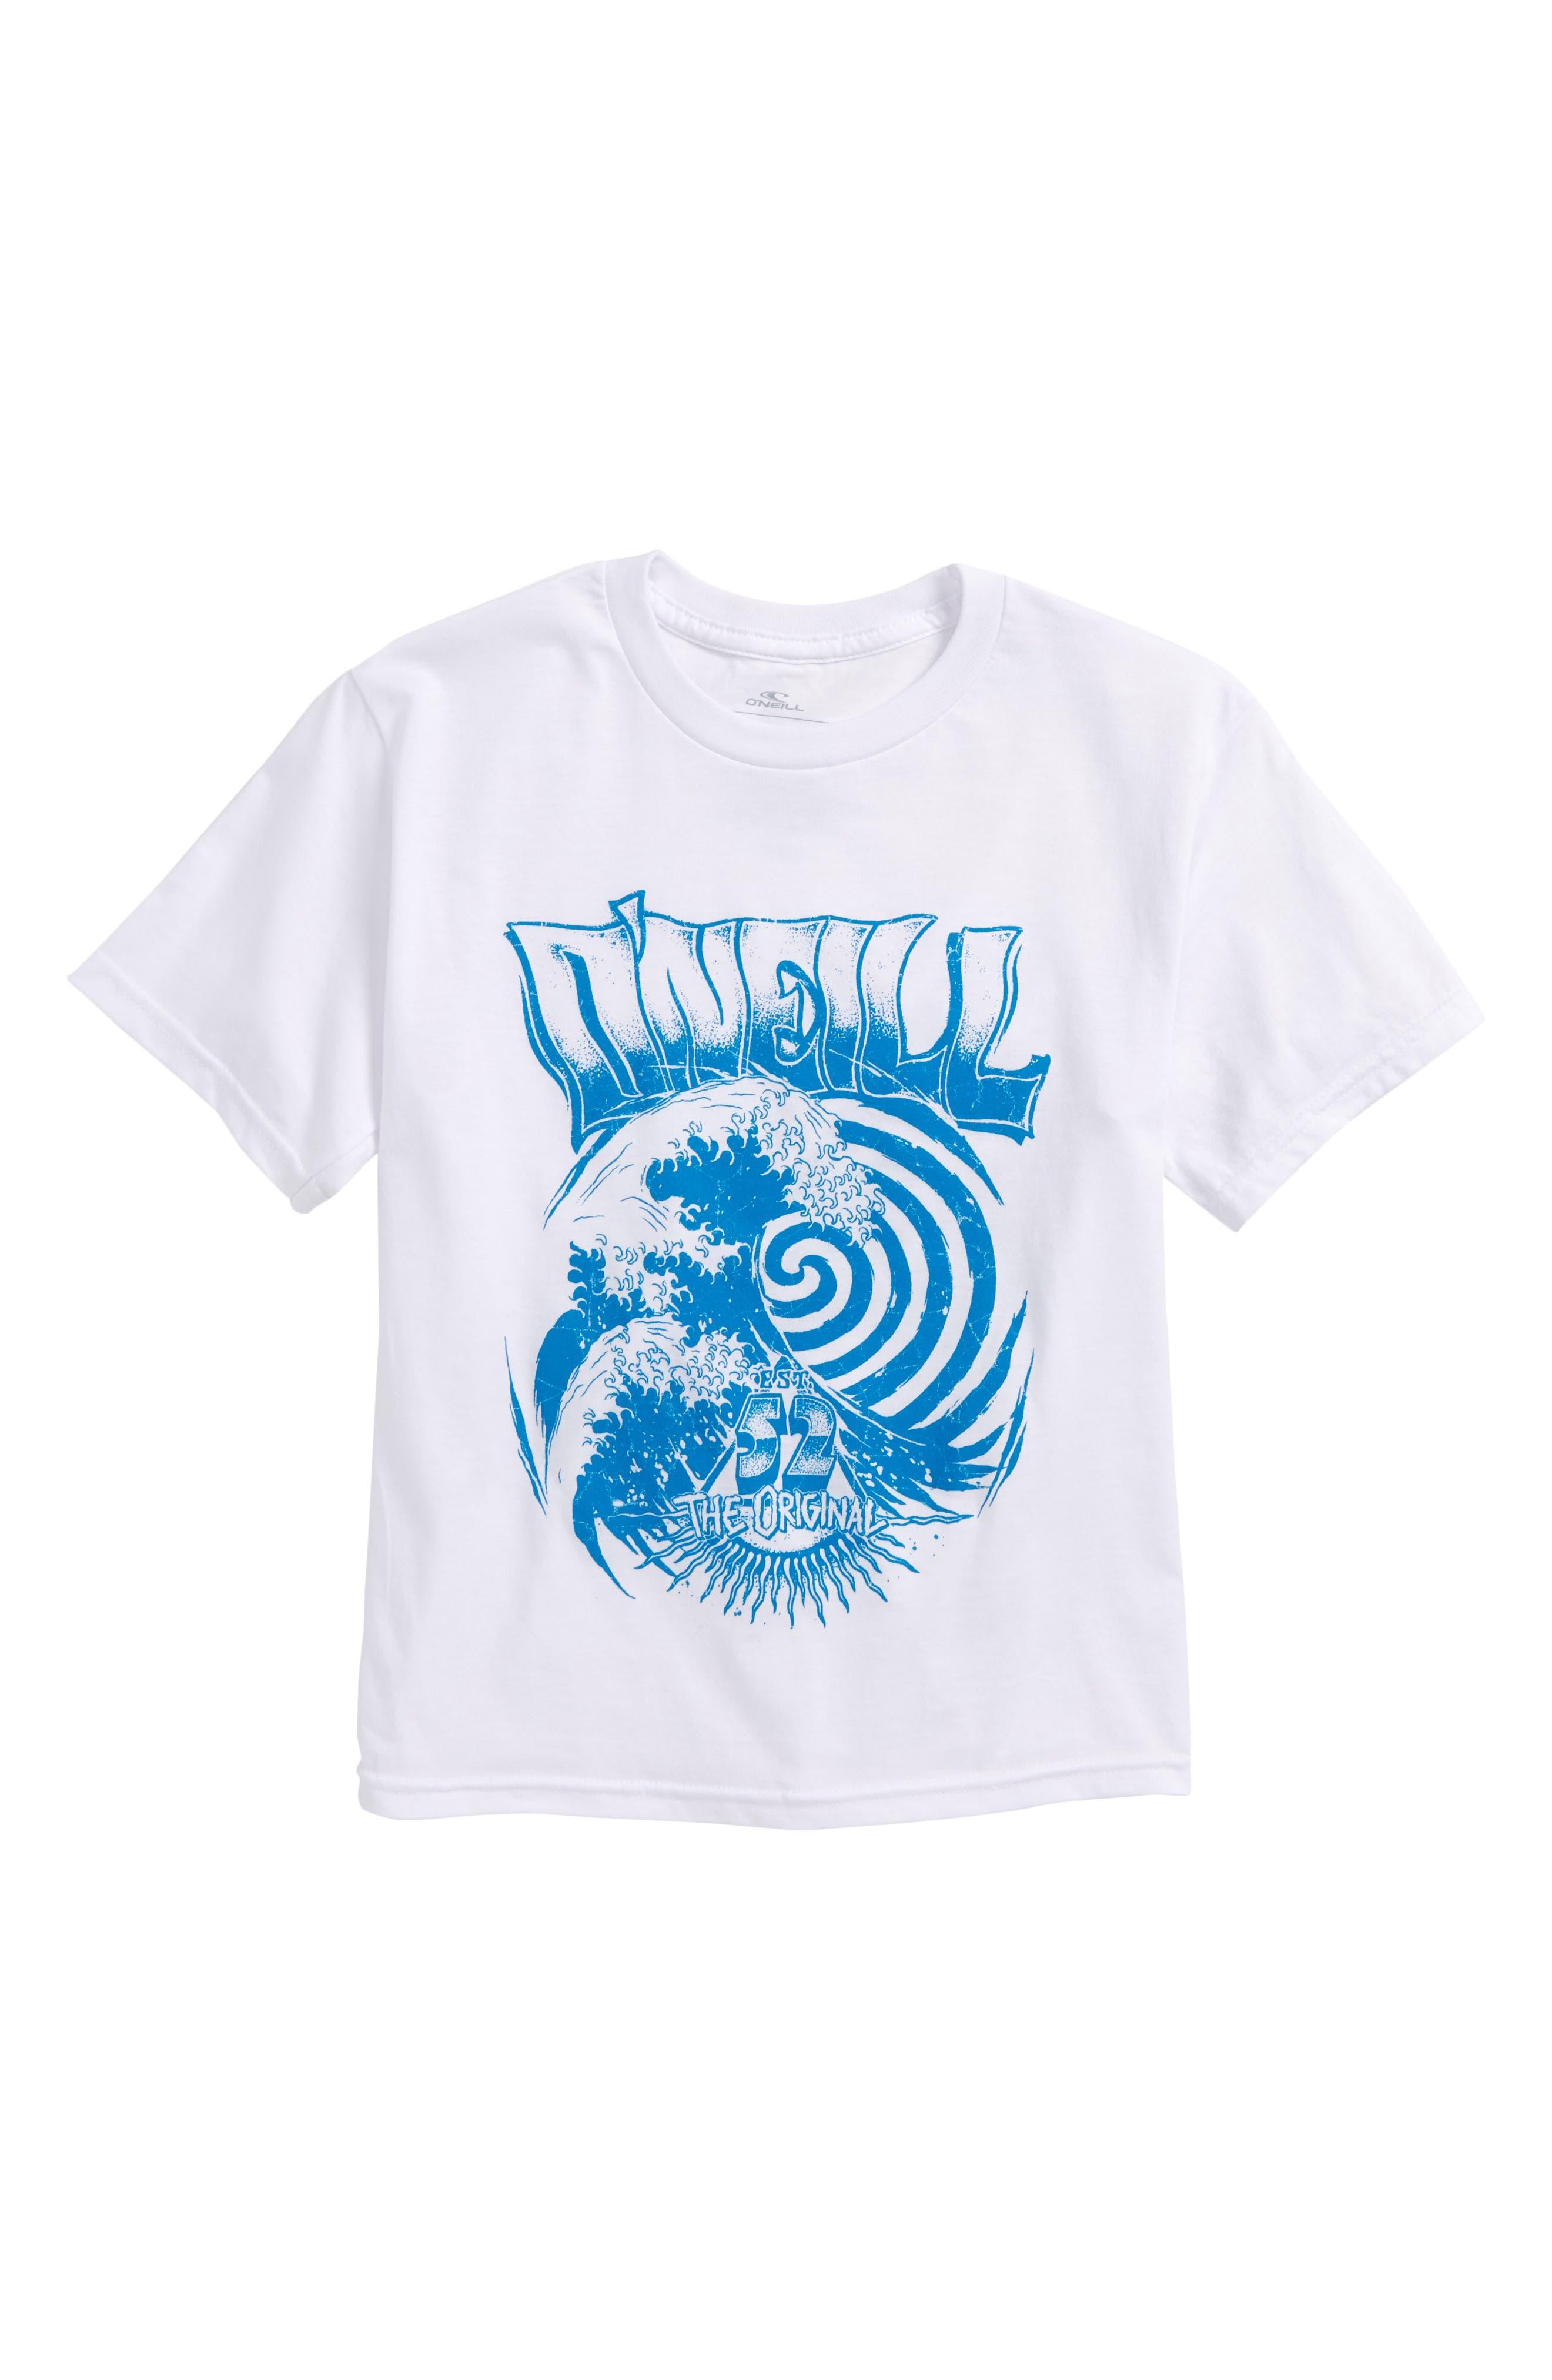 Zone T-Shirt,                             Main thumbnail 1, color,                             White